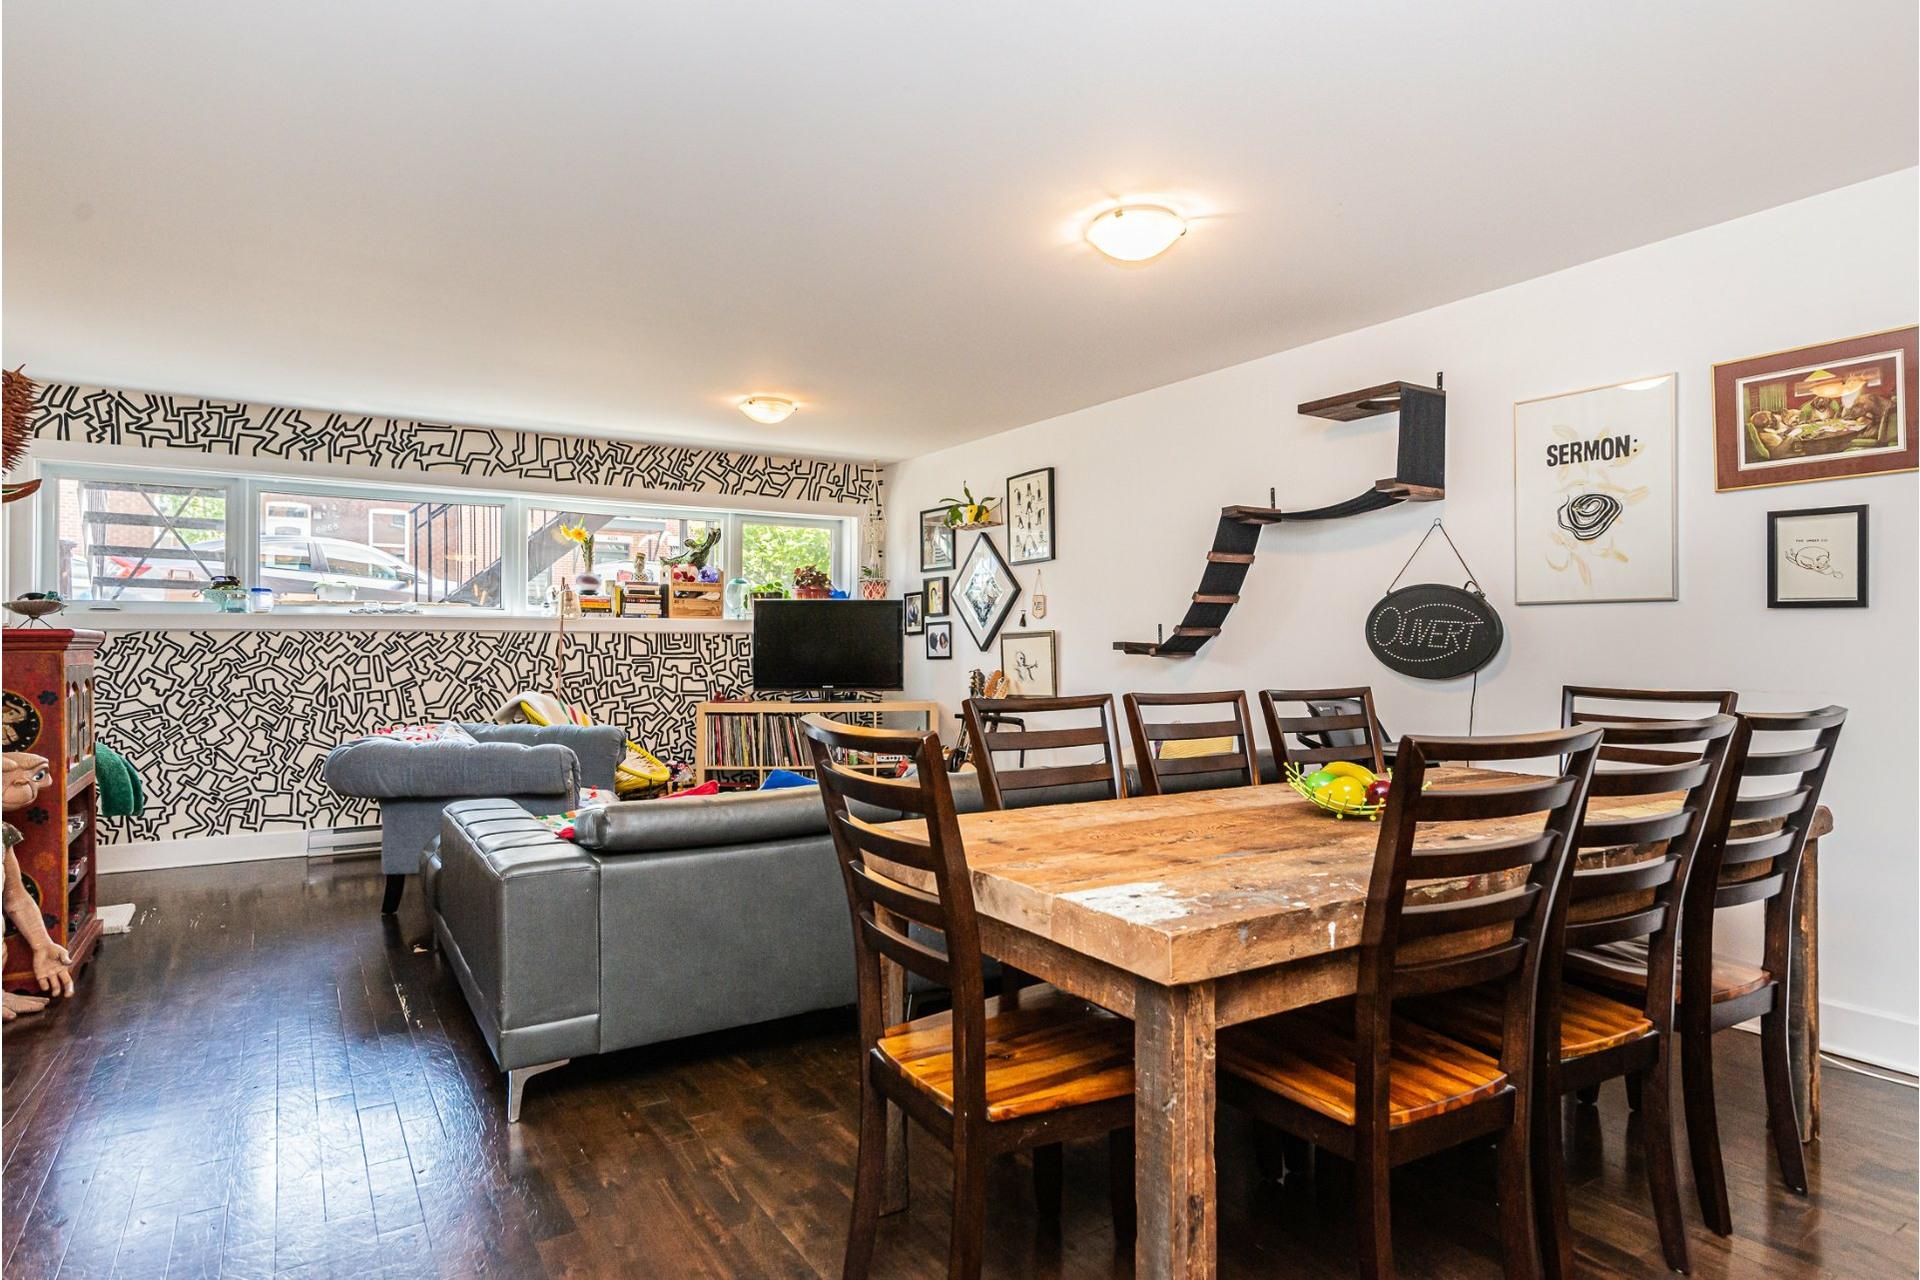 image 5 - Apartment For sale Le Sud-Ouest Montréal  - 4 rooms